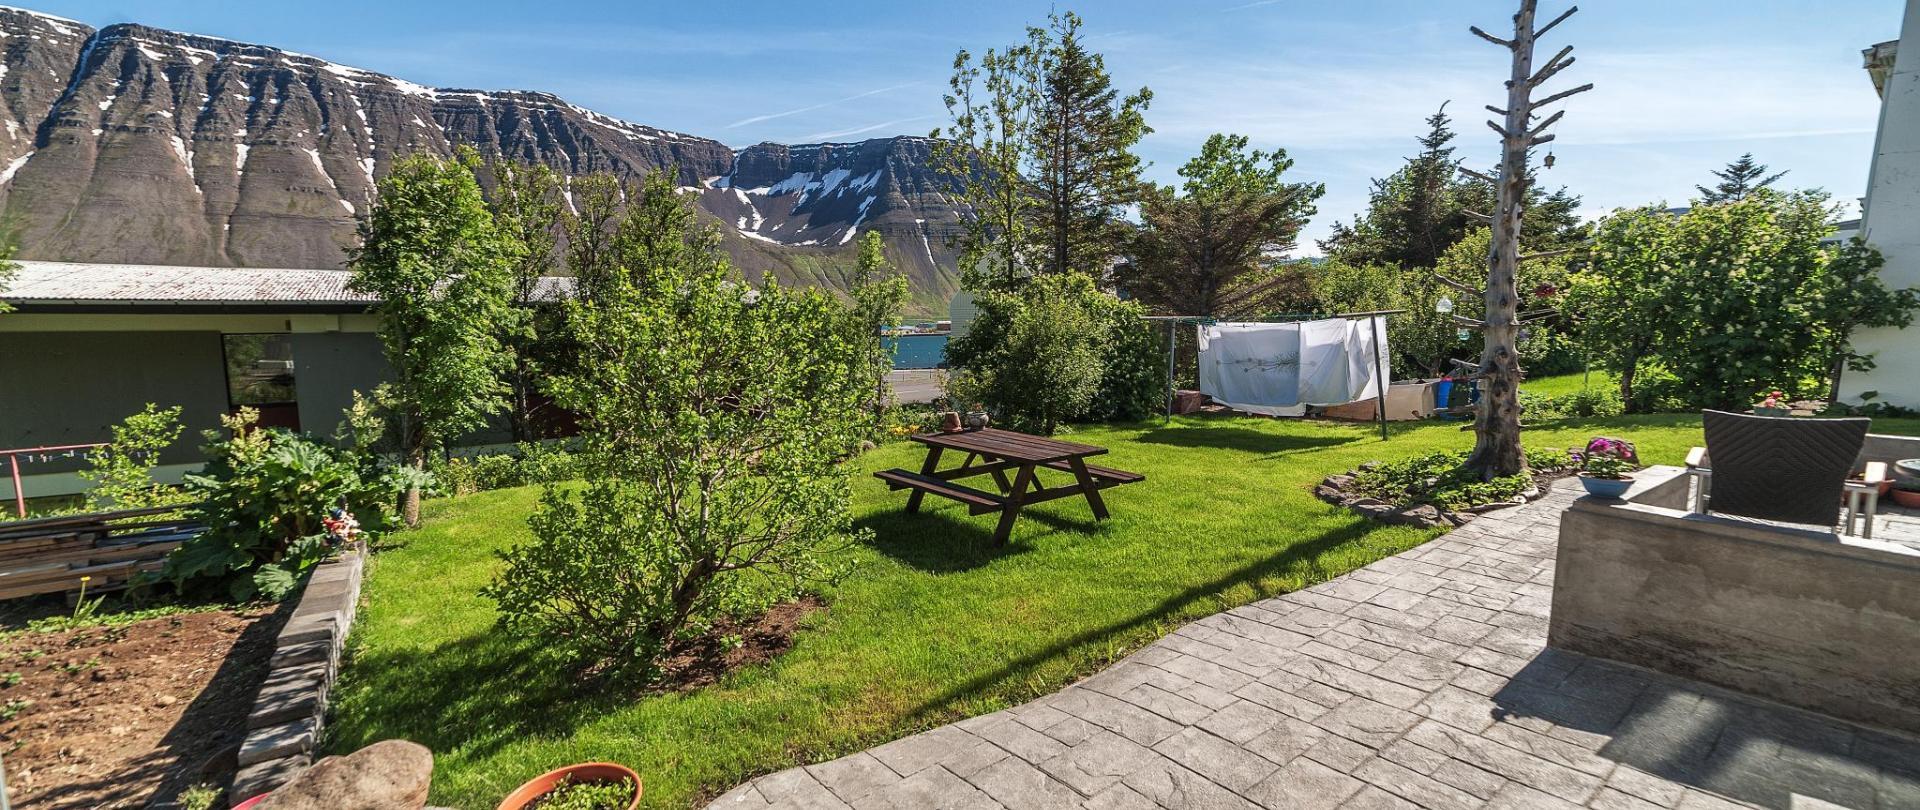 Garður 2.jpg